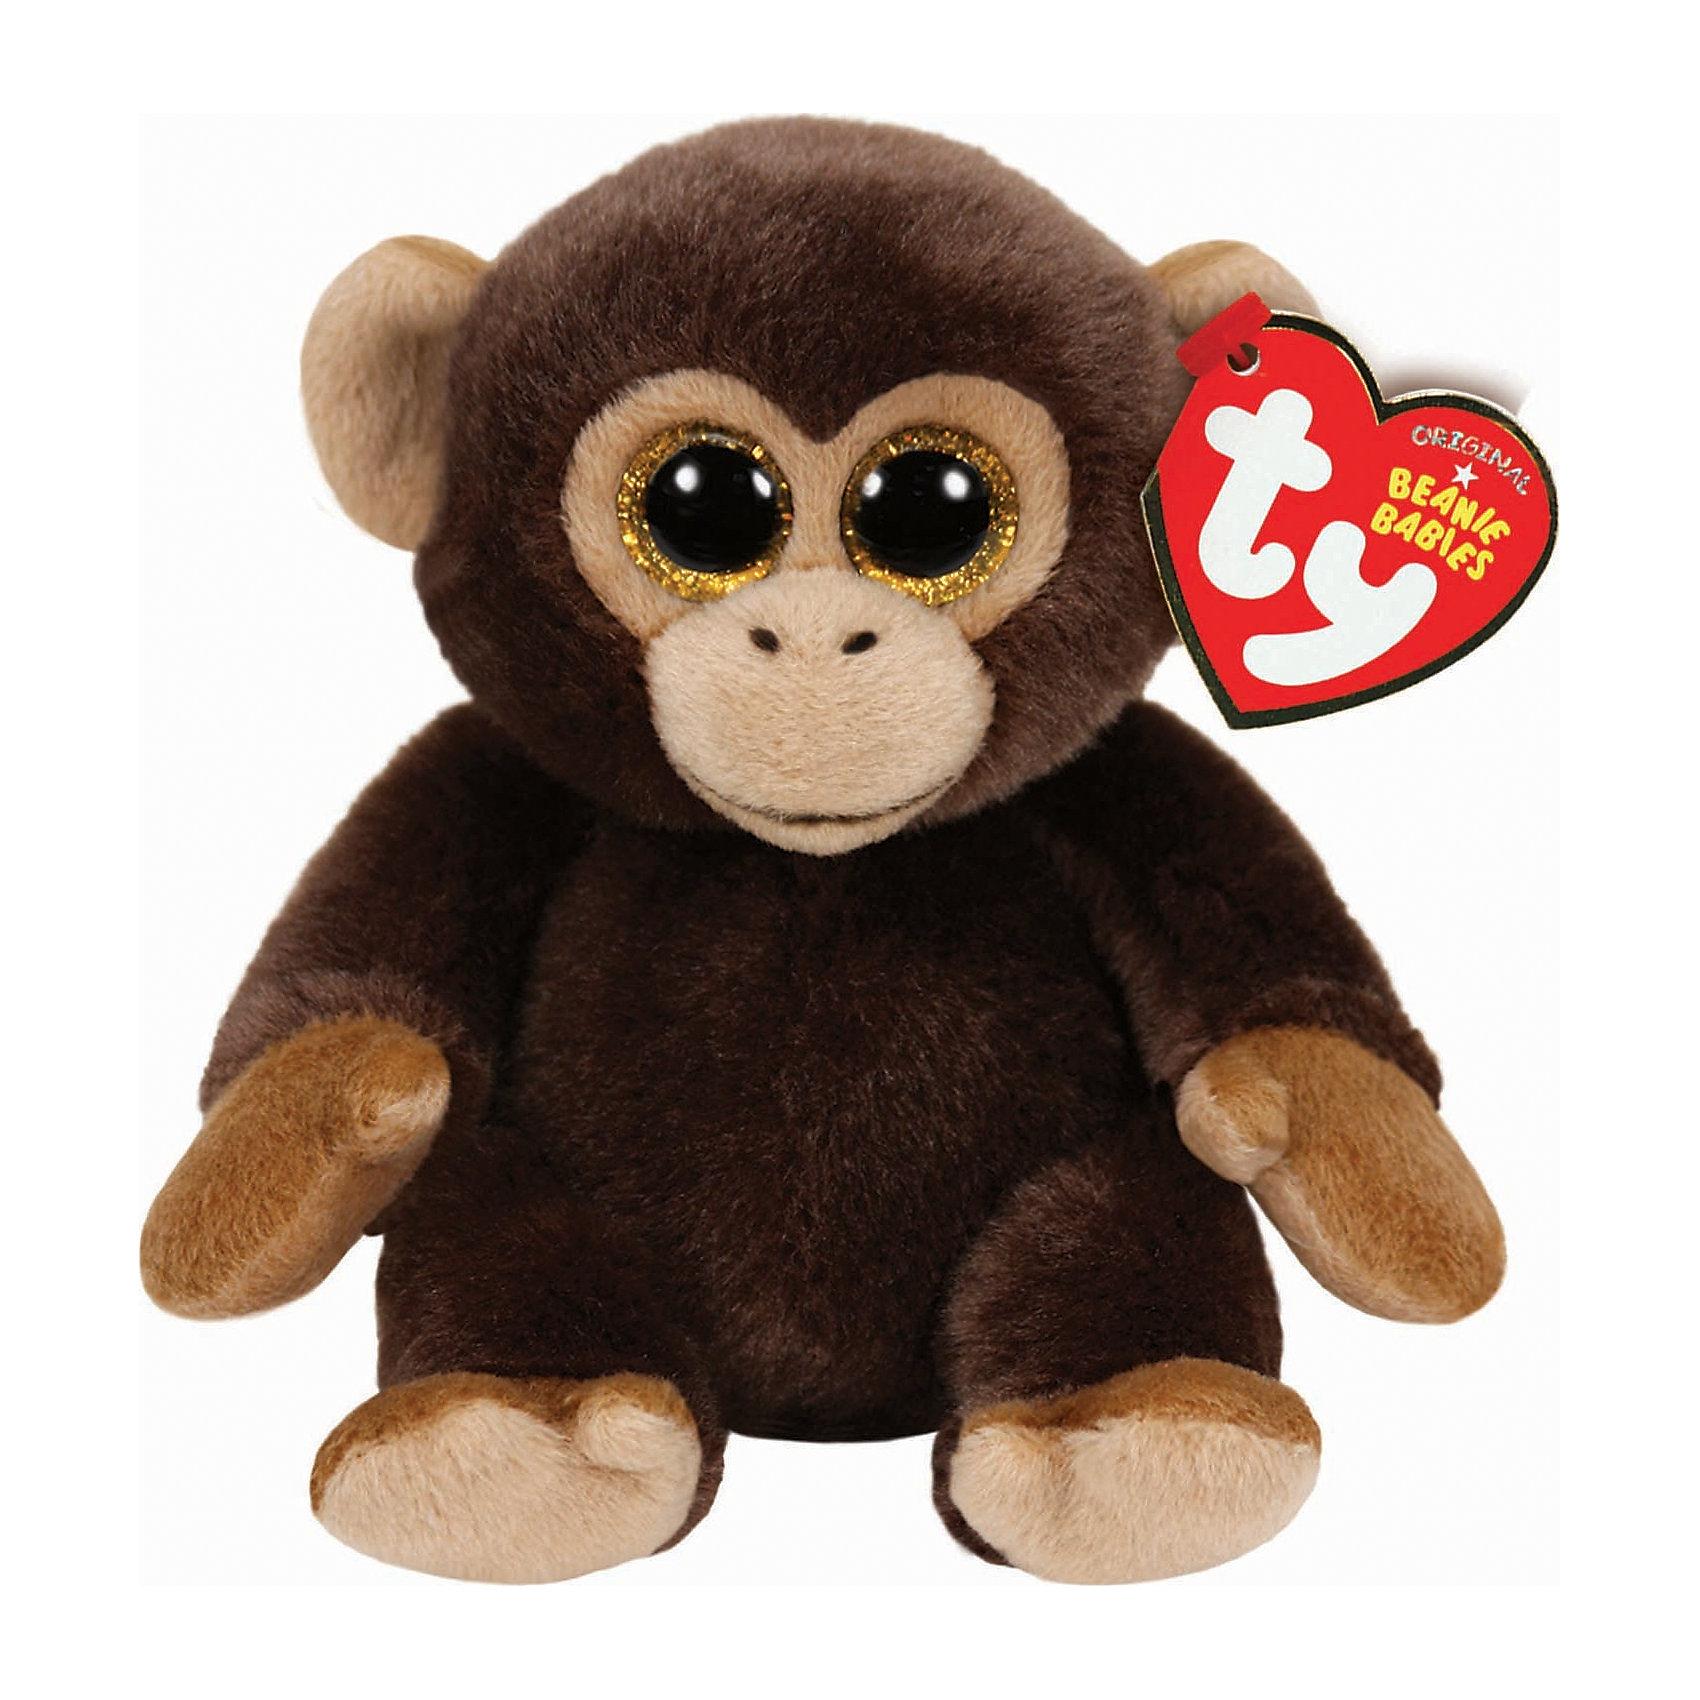 Обезьянка Bananas, 20 см, TyОчаровательная мягкая обезьянка не оставит равнодушным ни одного ребенка! Обезьянка входит в коллекцию малышей Beanie Babies от компании TY. Все игрушки этой серии имеют день рождения и свой милый стишок, написанный на этикетке. Обезьянка выполнена из высококачественных гипоаллергенных материалов безопасных для детей. День рождения у нее 18 августа. <br><br>Дополнительная информация:<br><br>- Материал: искусственный мех, пластик, ПЭ.<br>- Размер: 20 см.<br>- Цвет: коричневый.<br><br>Обезьянку Bananas, 20 см, Ty, можно купить в нашем магазине.<br><br>Ширина мм: 156<br>Глубина мм: 106<br>Высота мм: 96<br>Вес г: 108<br>Возраст от месяцев: 12<br>Возраст до месяцев: 60<br>Пол: Унисекс<br>Возраст: Детский<br>SKU: 4023935